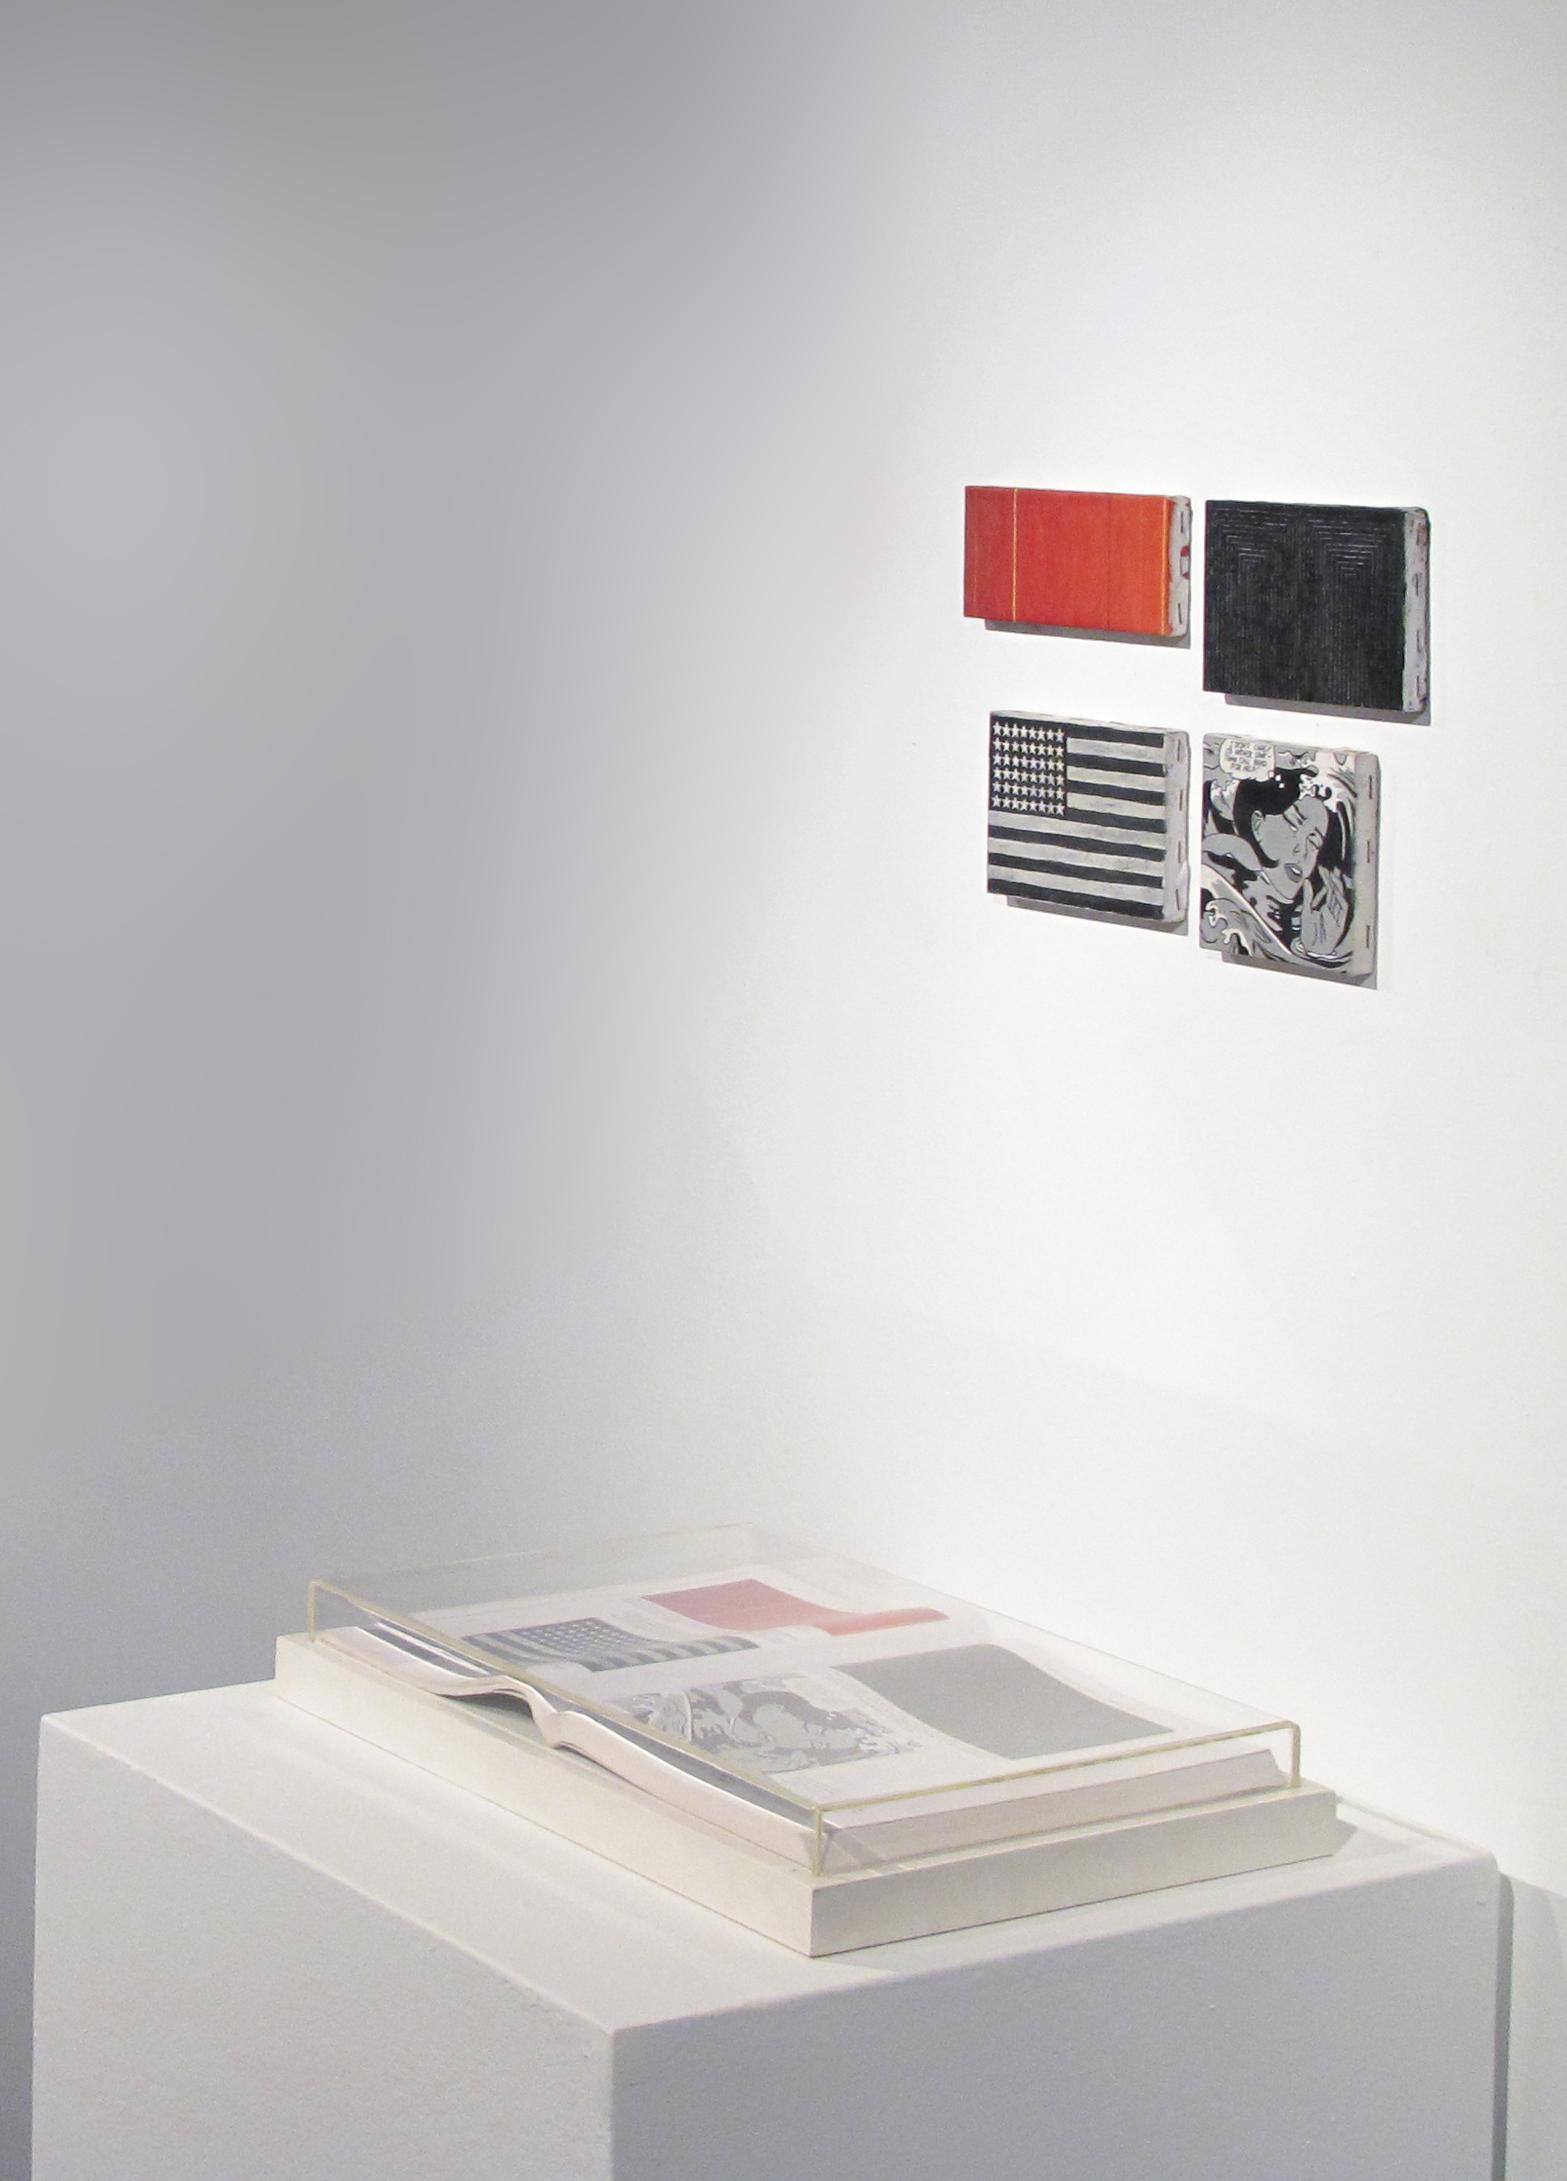 Páginas 78 e 79 (série Foi Assim Que Me Ensinaram) •2005 • Livro emoldurado, óleo sobre tela •26,5 x 40 cm (livro), 5,5 x 12 cm, 10 x 14 cm, 9,5 x 14 cm, 10,5 x 10,5 cm